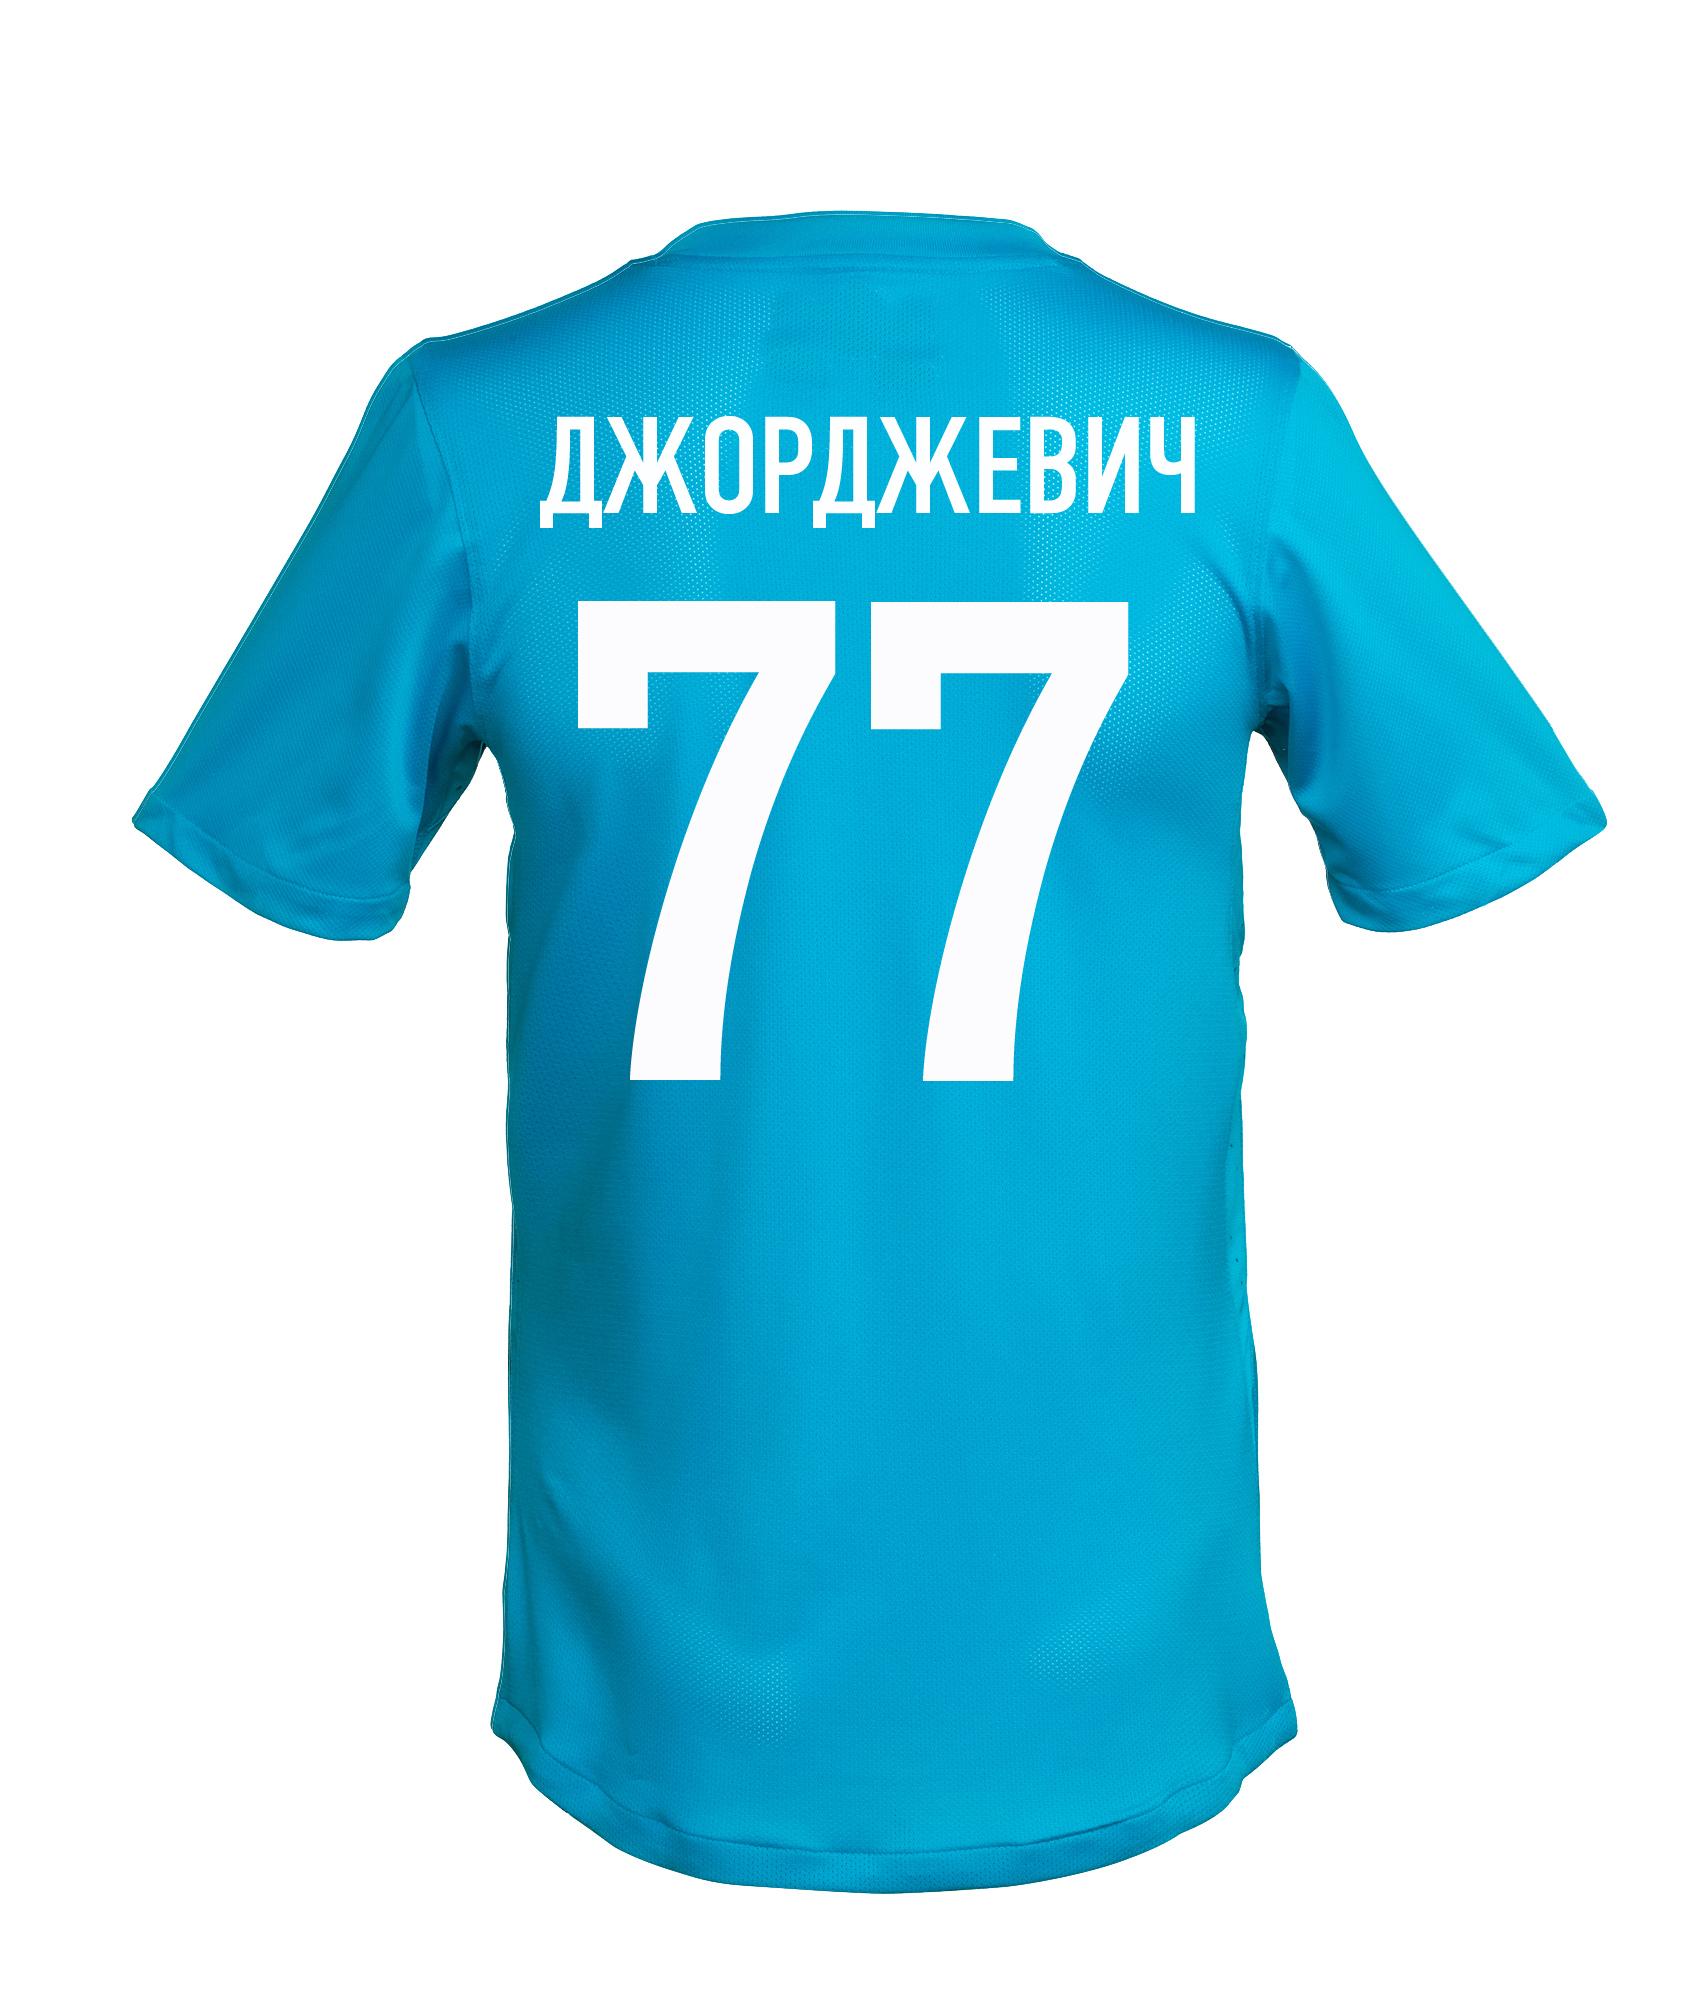 Игровая футболка с фамилией и номером Л. Джорджевича, Цвет-Синий, Размер-XXL